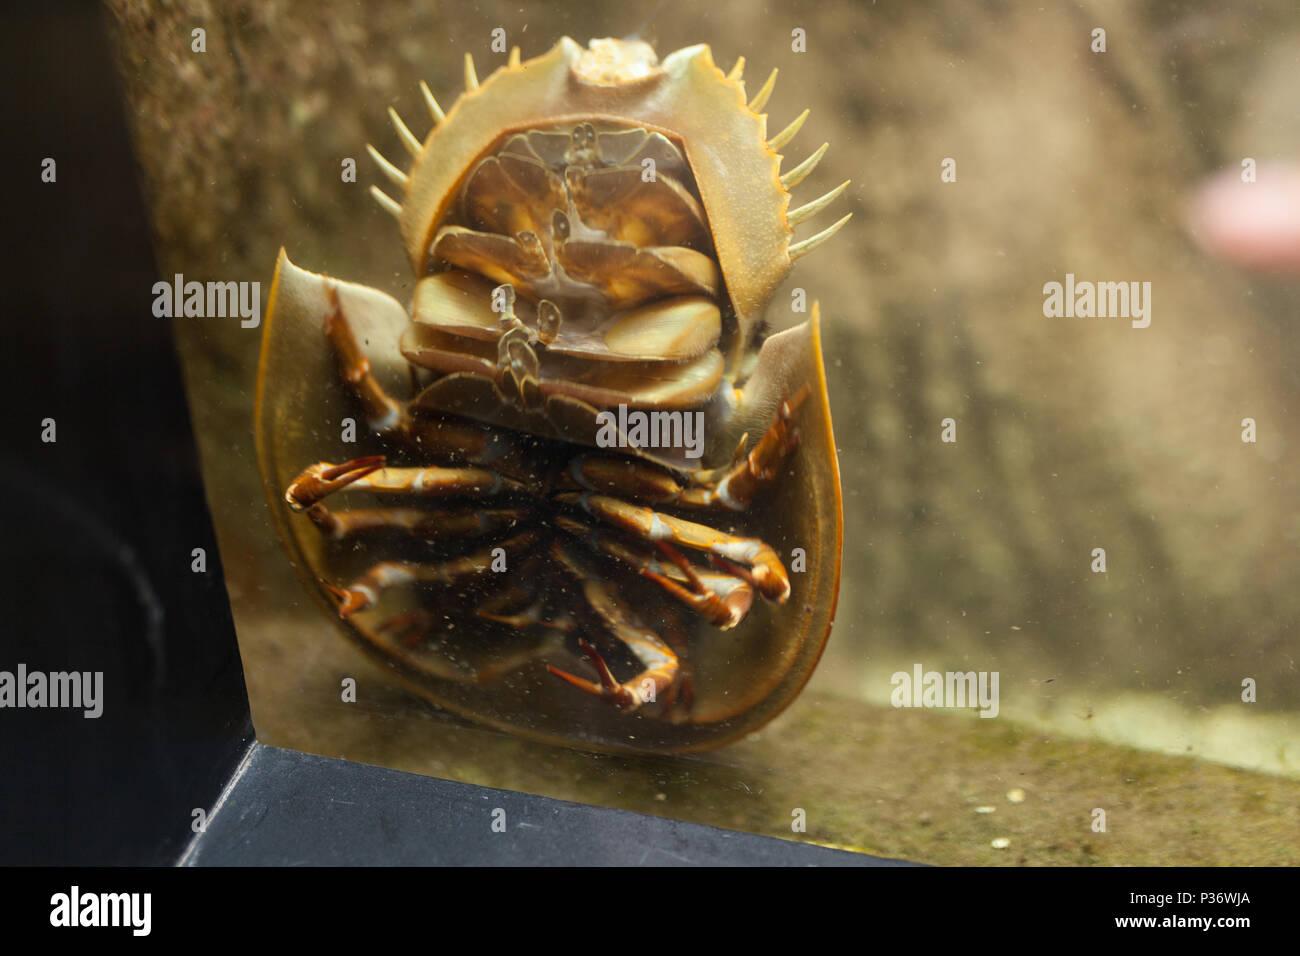 Terrifying Sea Beast: Bathynomus giganteus or Giant isopod Horseshoe crabs are marine arthropods of the family Limulidae, suborder Xiphosurida - Stock Image